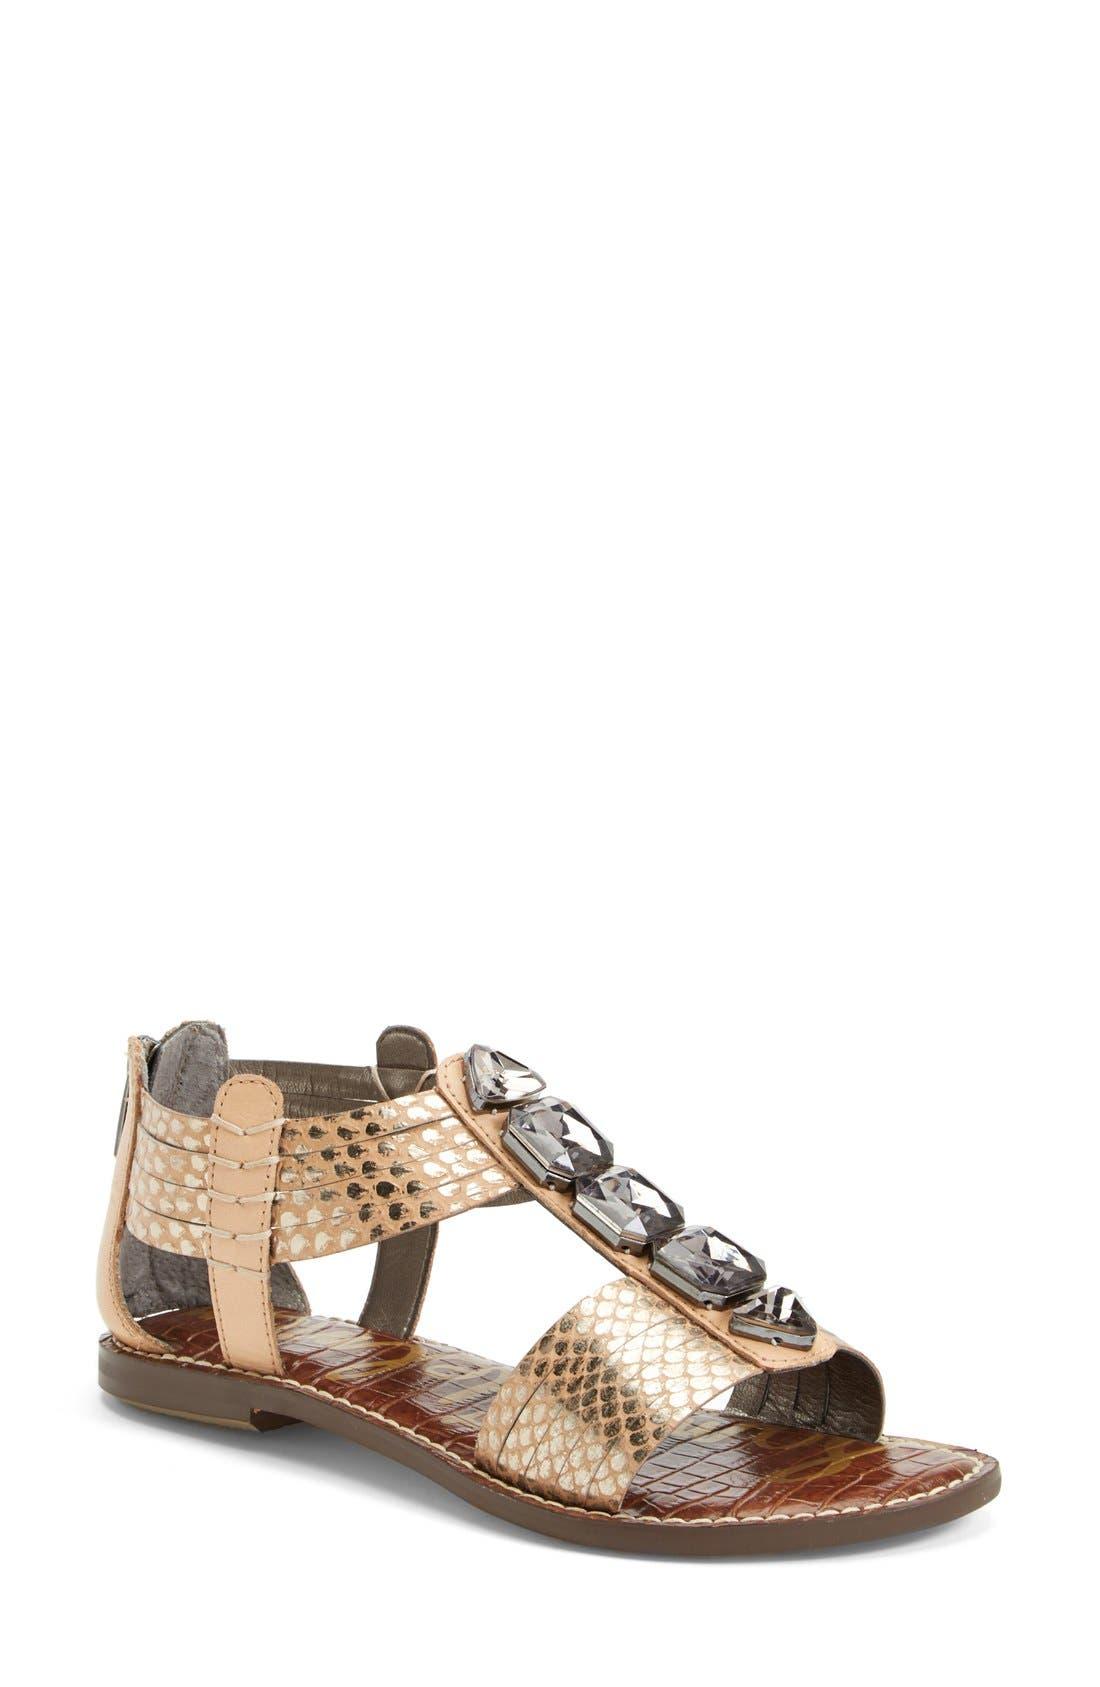 Main Image - Sam Edelman 'Galina' Crystal Embellished Sandal (Women)